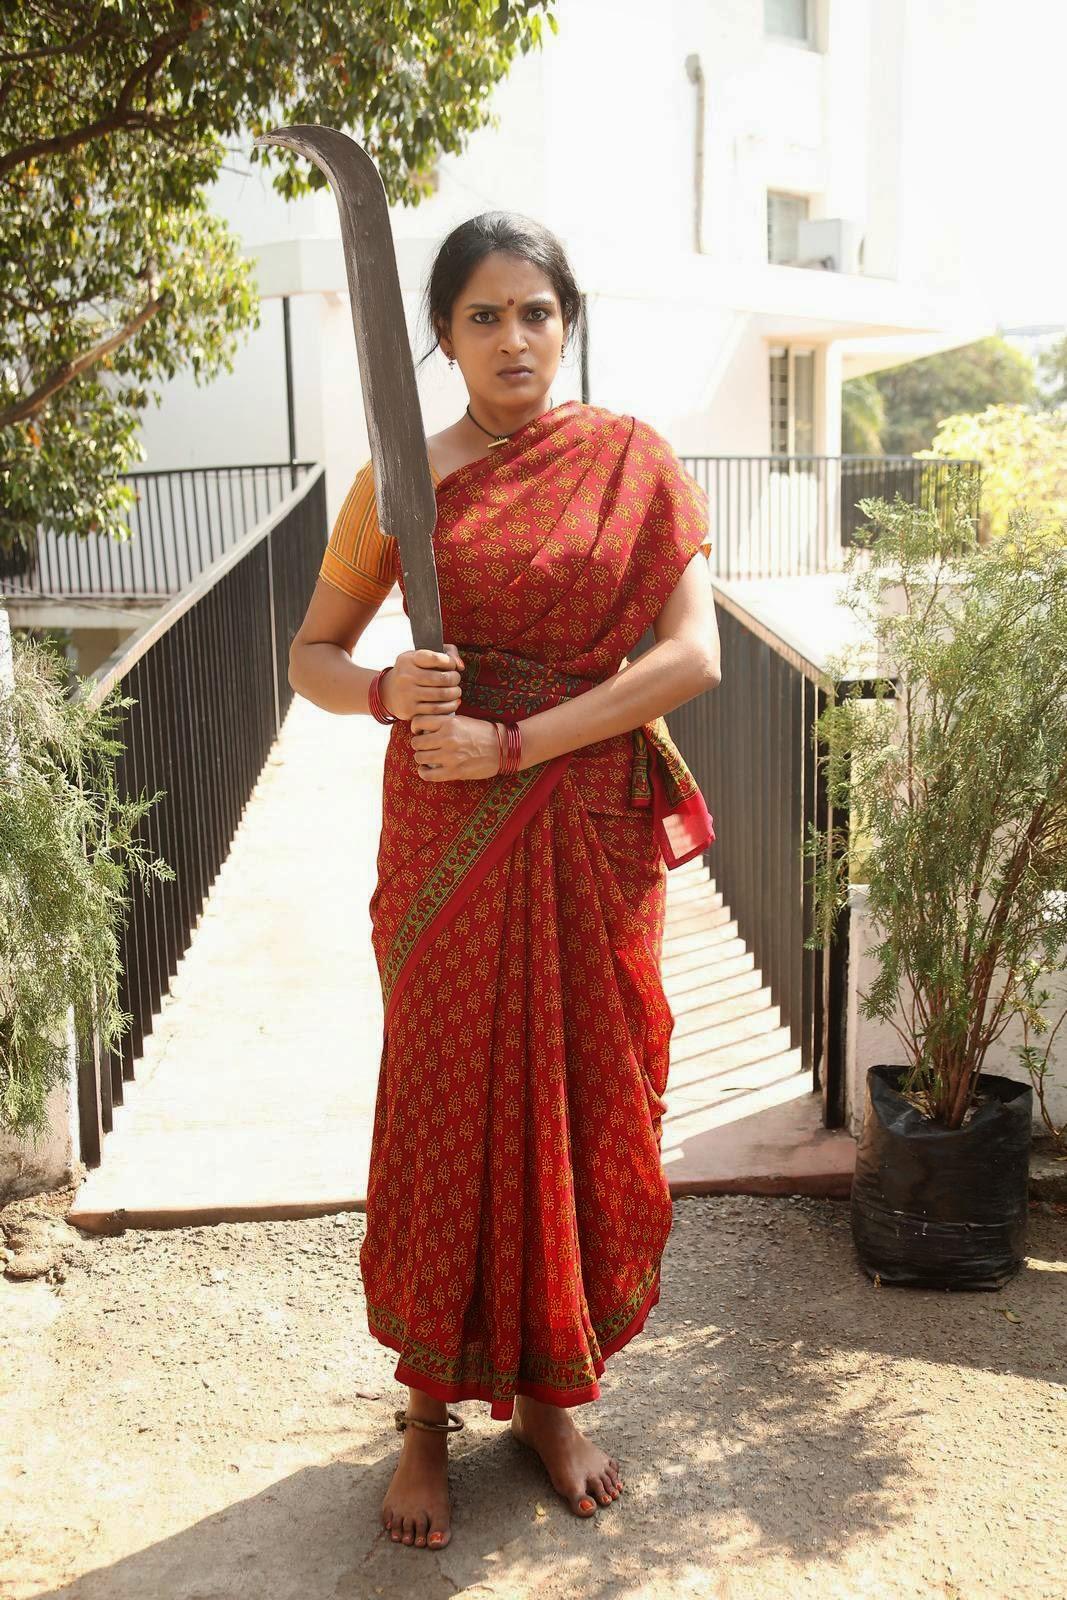 Himaja-Veta Kodavallu Photo Gallery, Telegu Actress Himaja Hot Pics In sare from Veta Kodavallu Movie